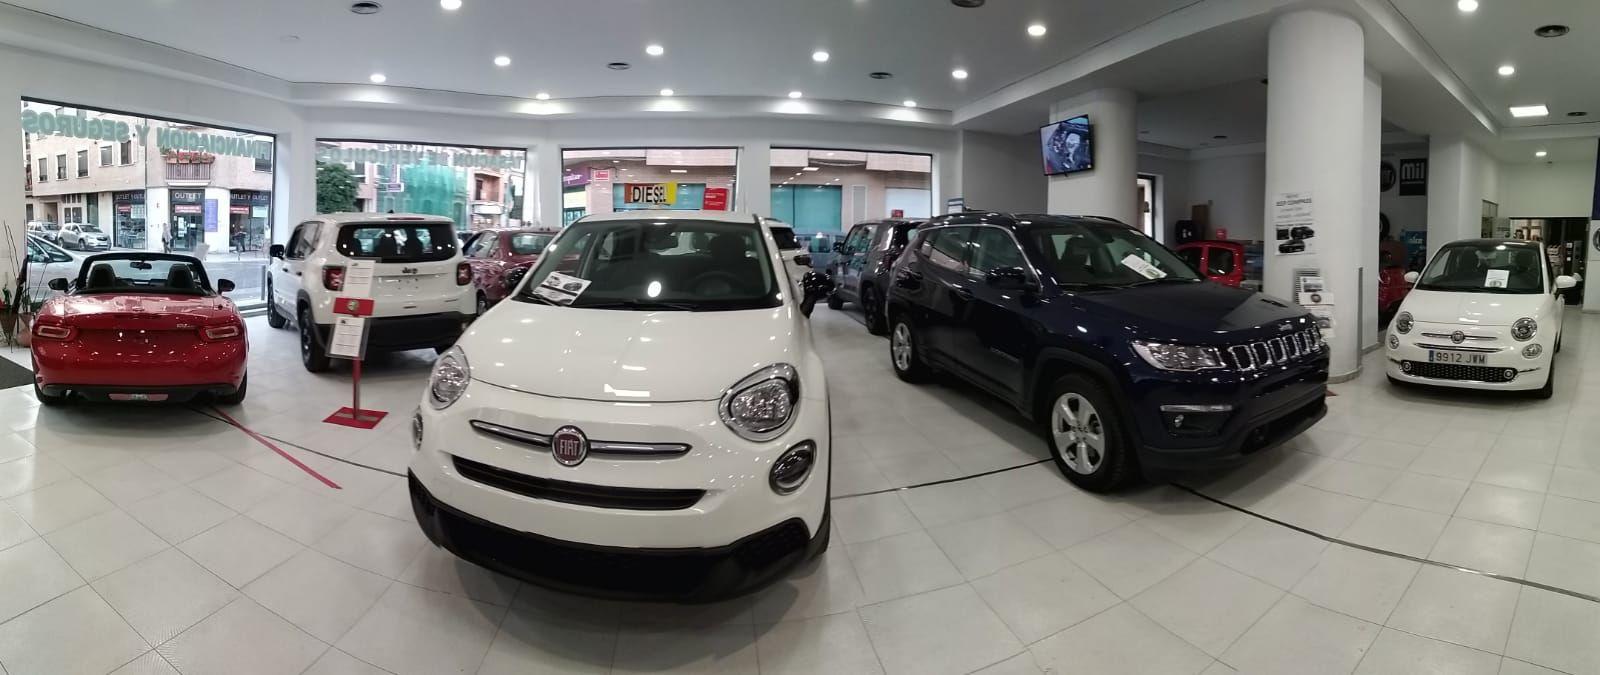 Feria del Automóvil en Milautomóviles